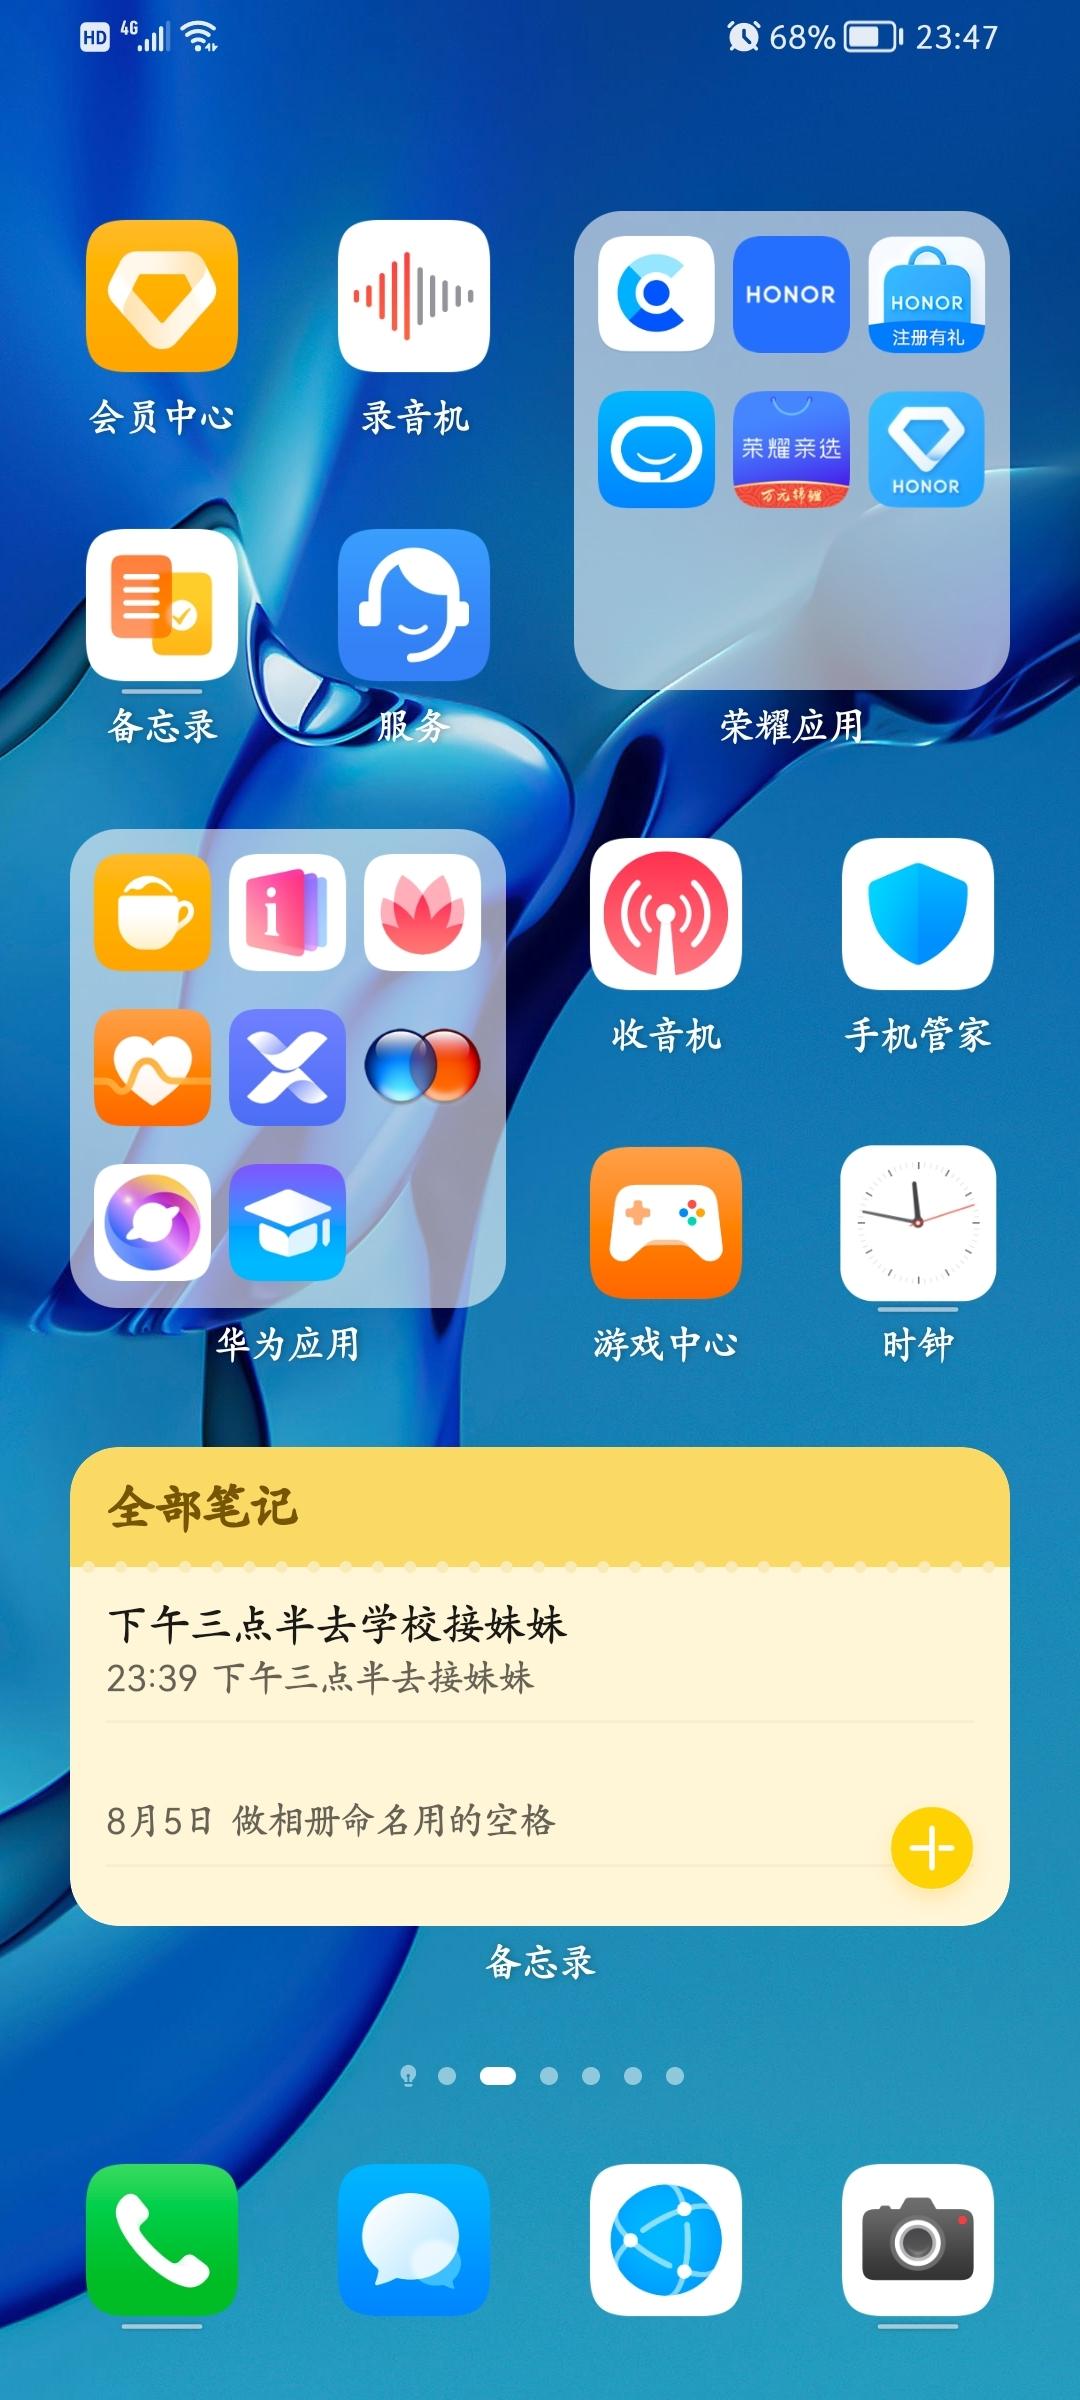 Screenshot_20210806_234712_com.huawei.android.launcher.jpg